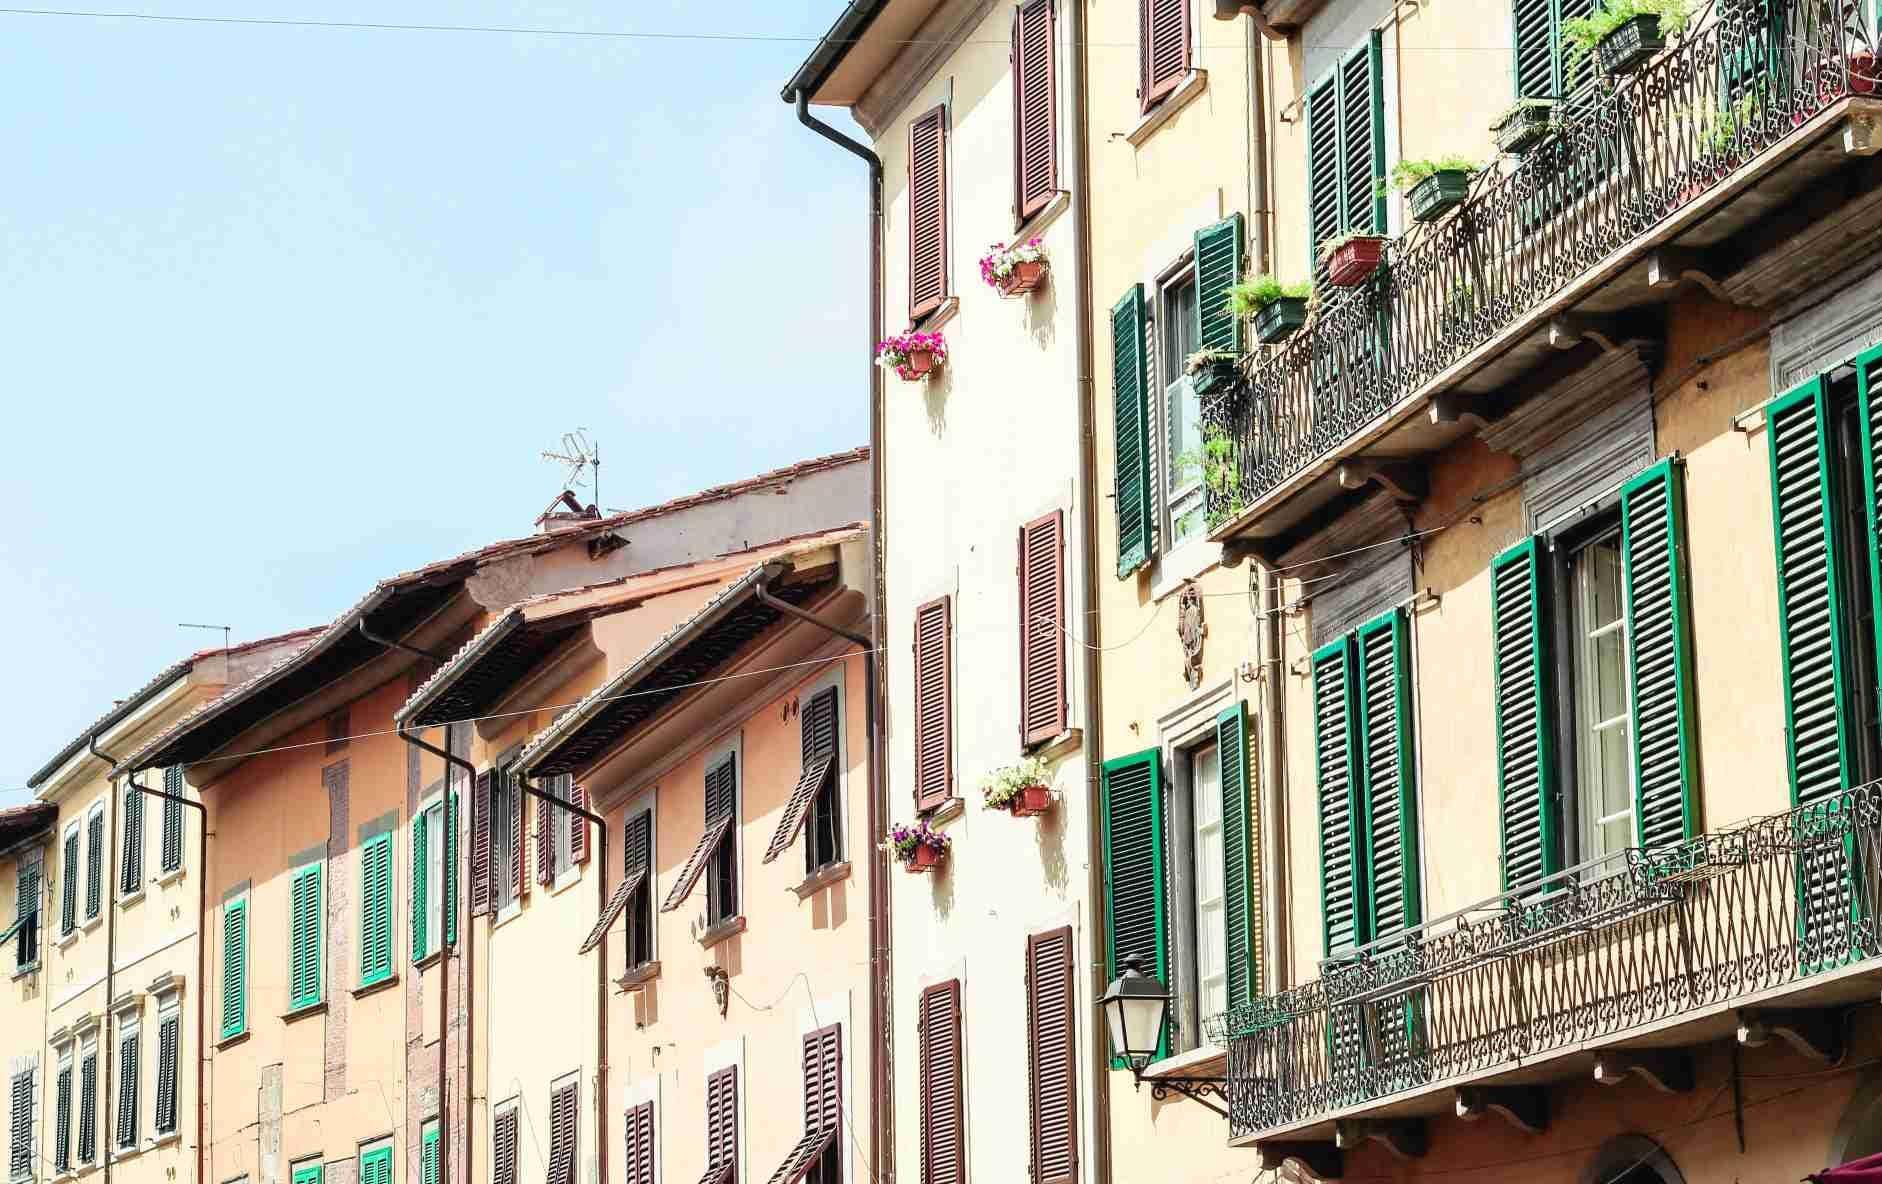 Romantic Pisa [QUEST IN TEST MODE] image